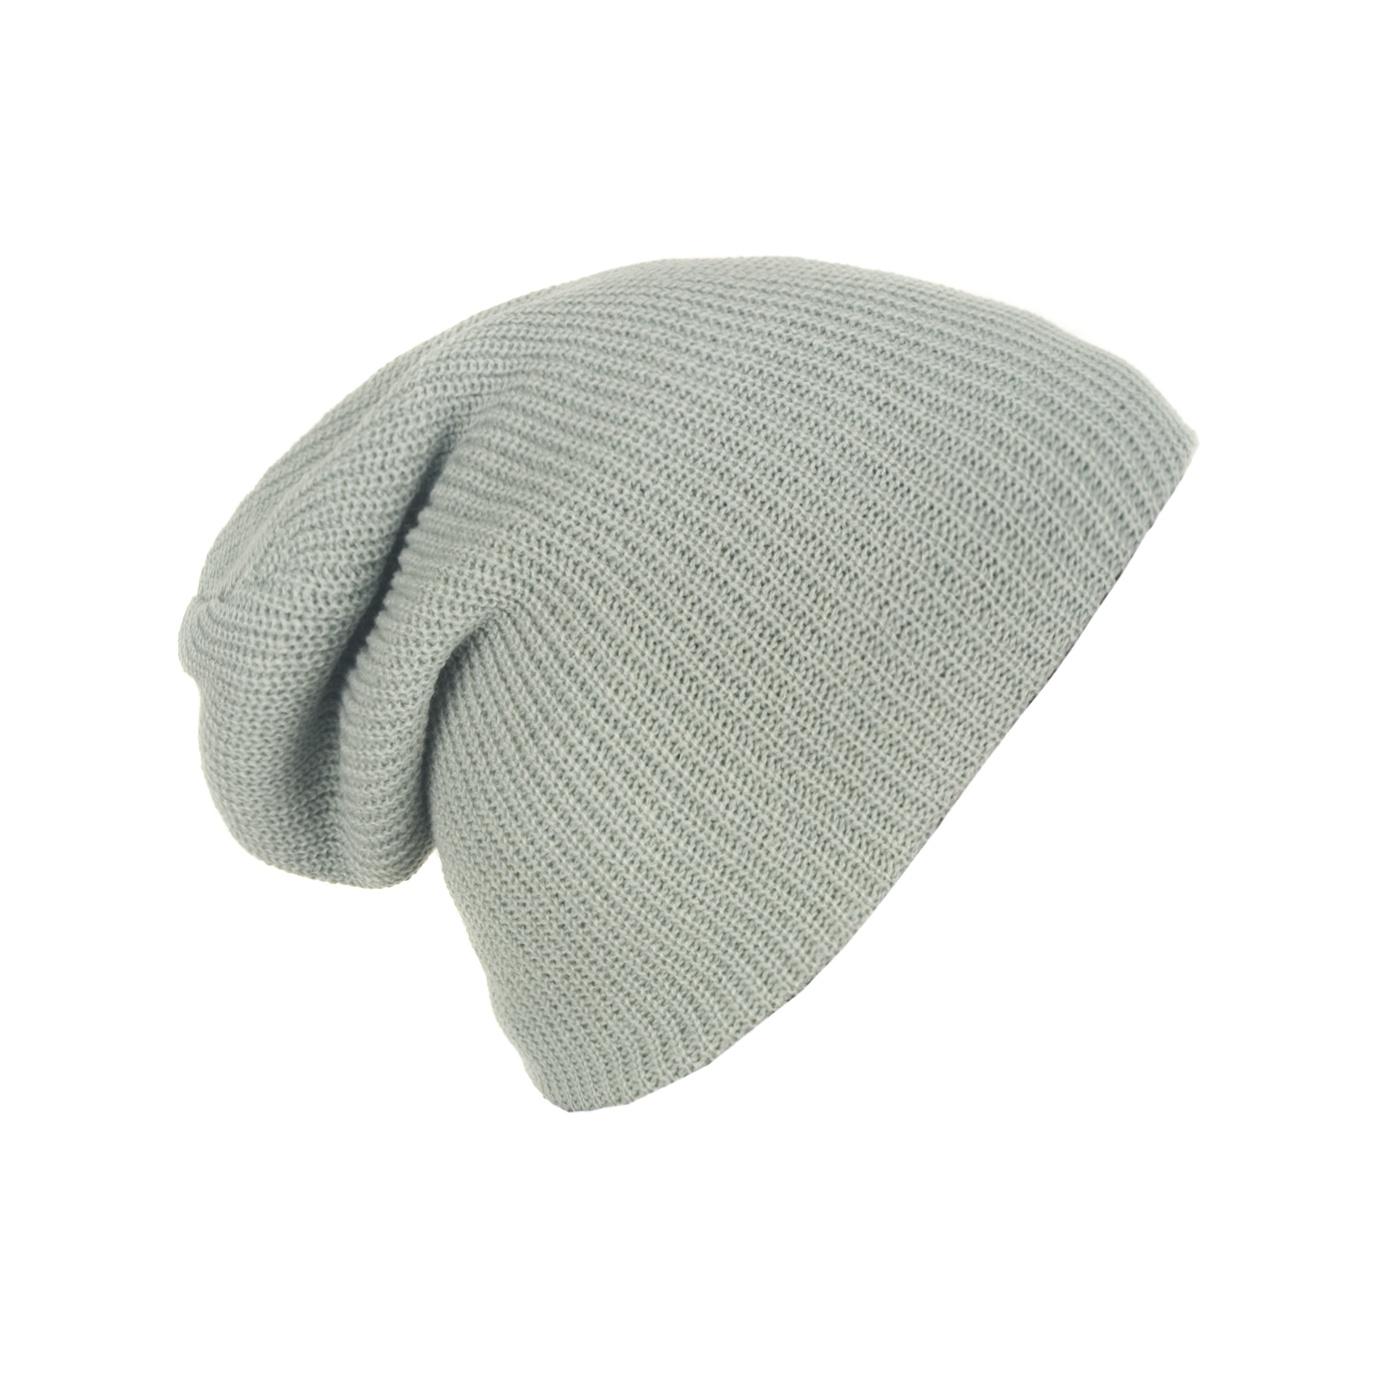 Męska czapka beanie w prążki 3w1 - popielata szara